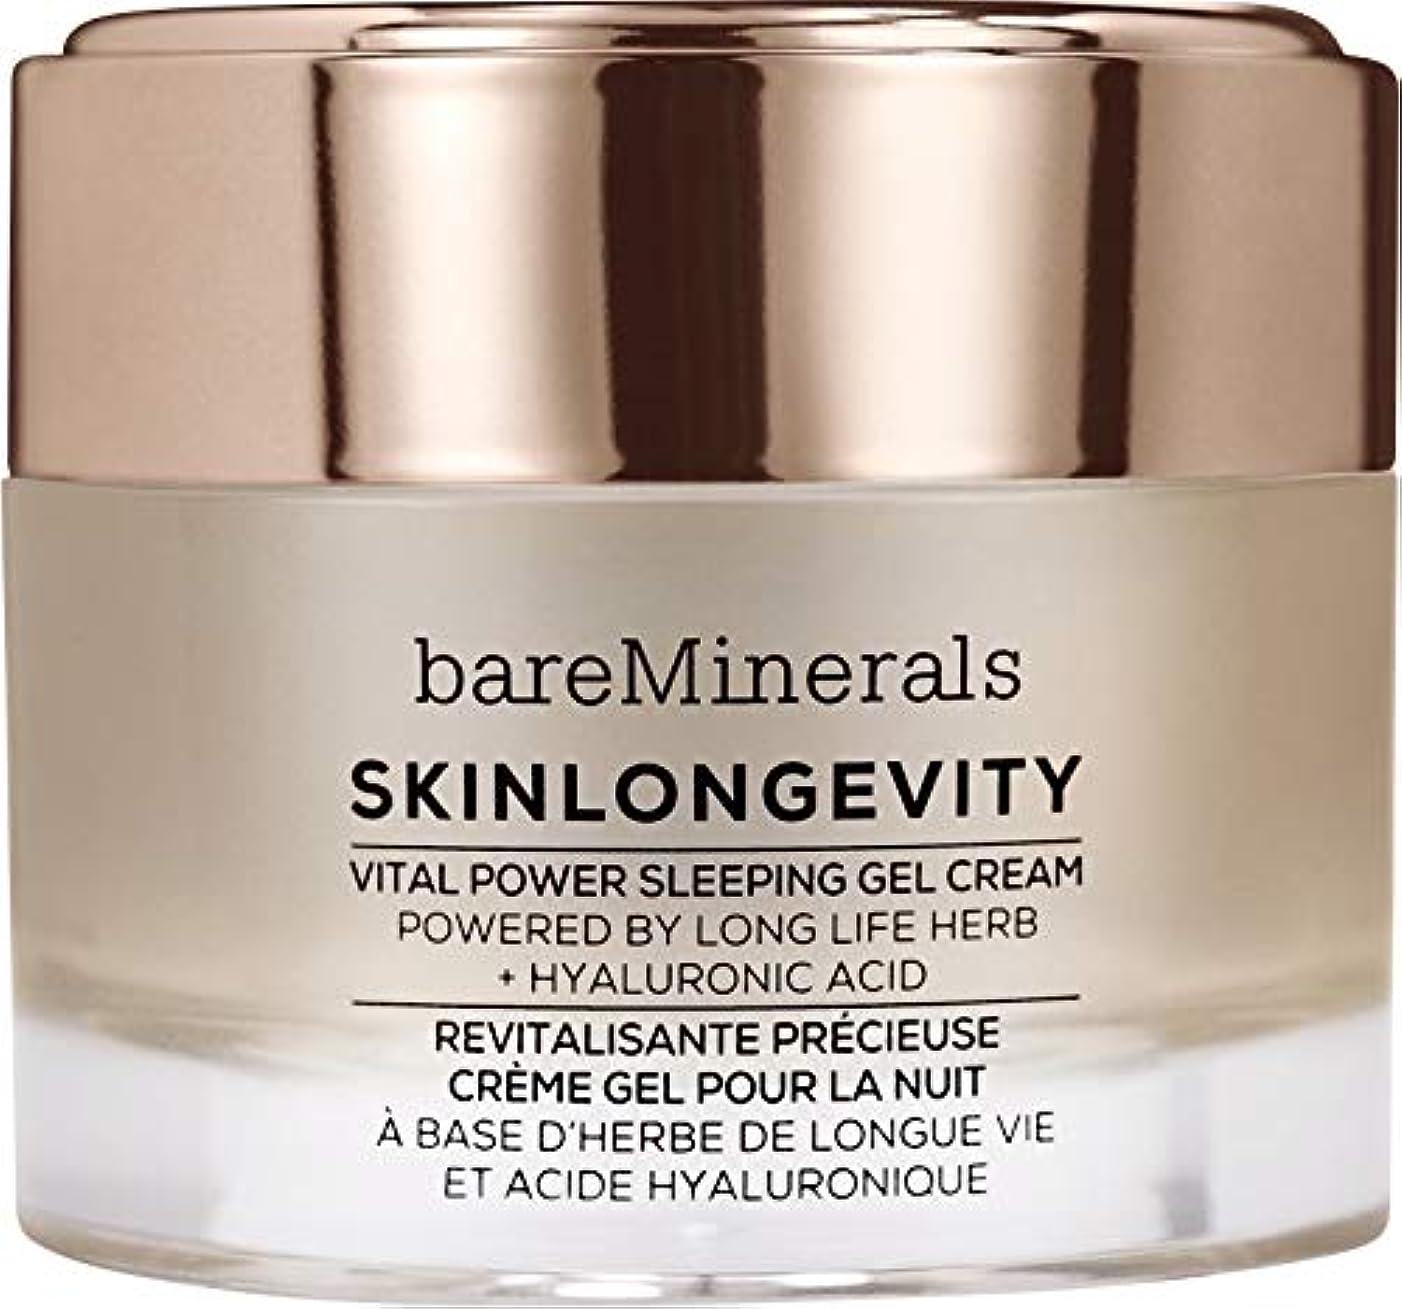 限りなく腐敗した昼寝ベアミネラル Skinlongevity Vital Power Sleeping Gel Cream 50g/1.7oz並行輸入品